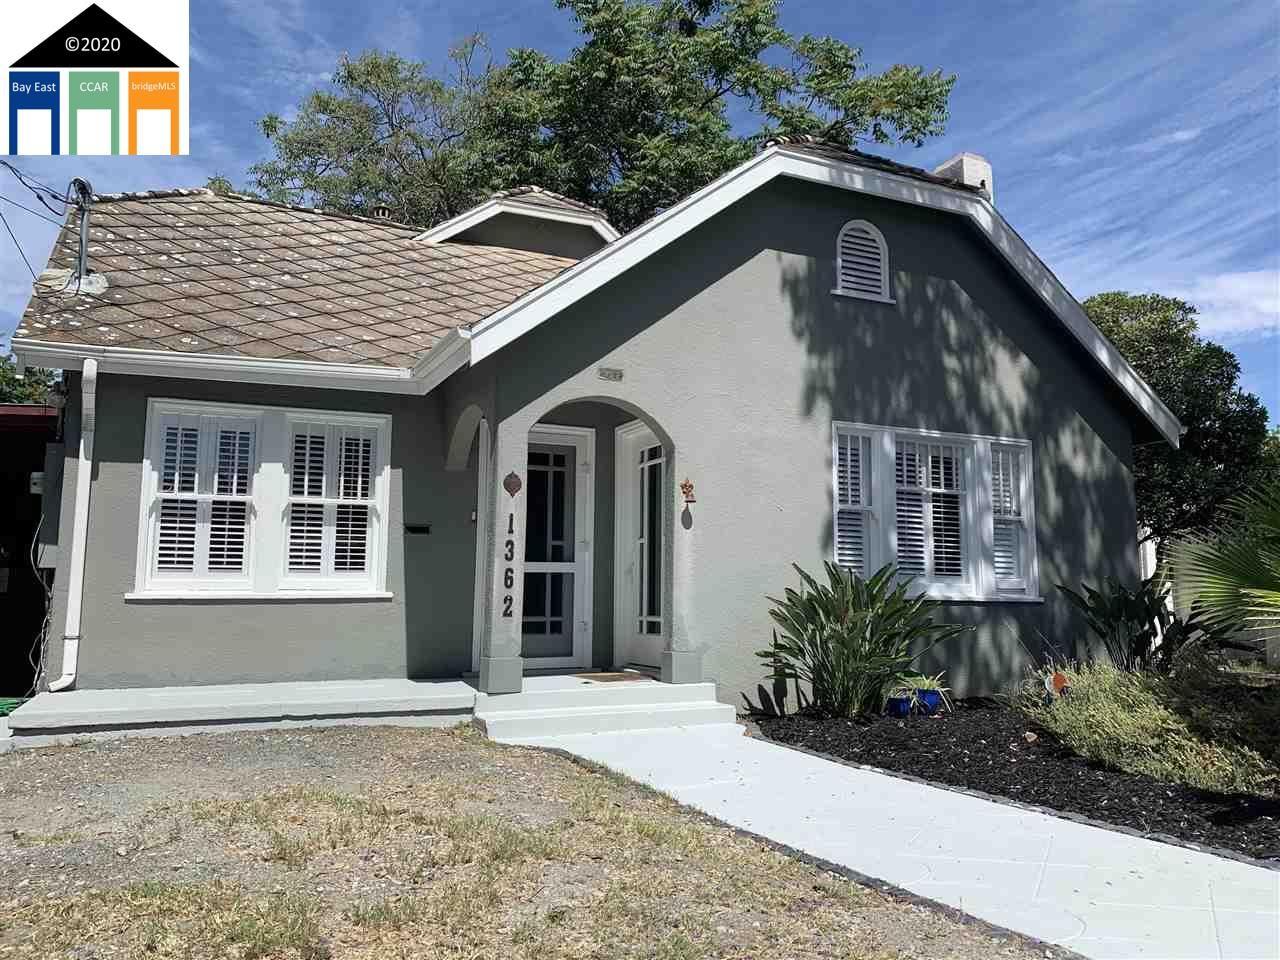 Photo of 1362 Pine St, PITTSBURG, CA 94565 (MLS # 40906592)